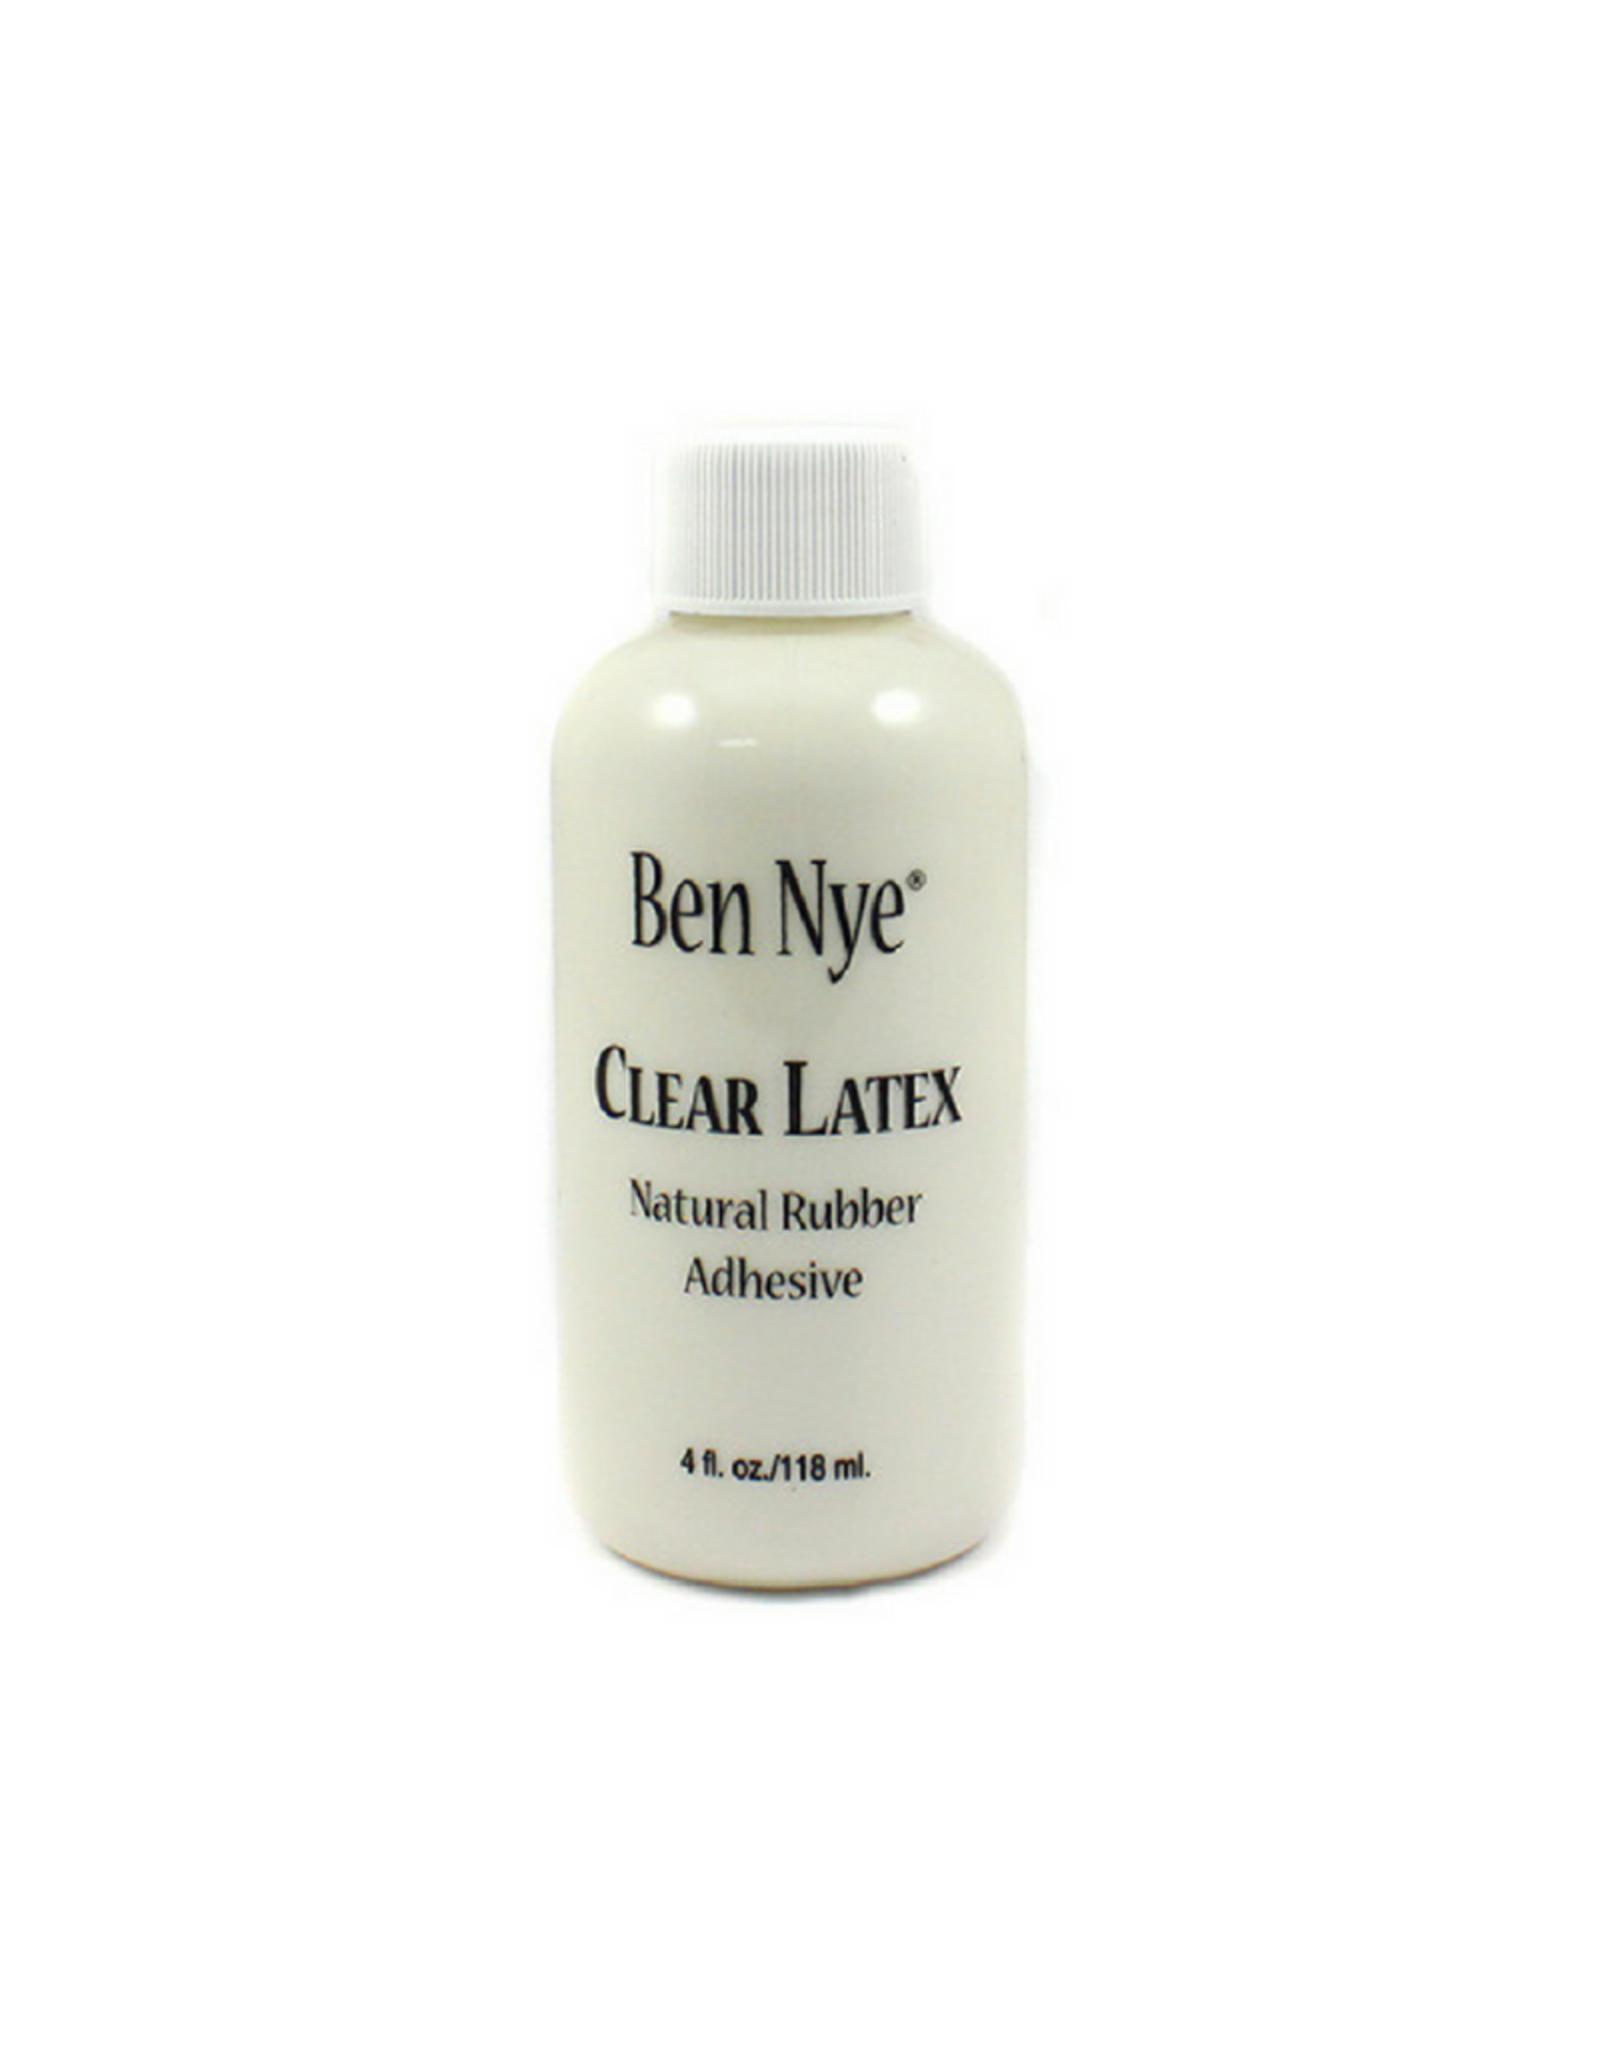 Ben Nye FX CLEAR LATEX, 4 FL OZ